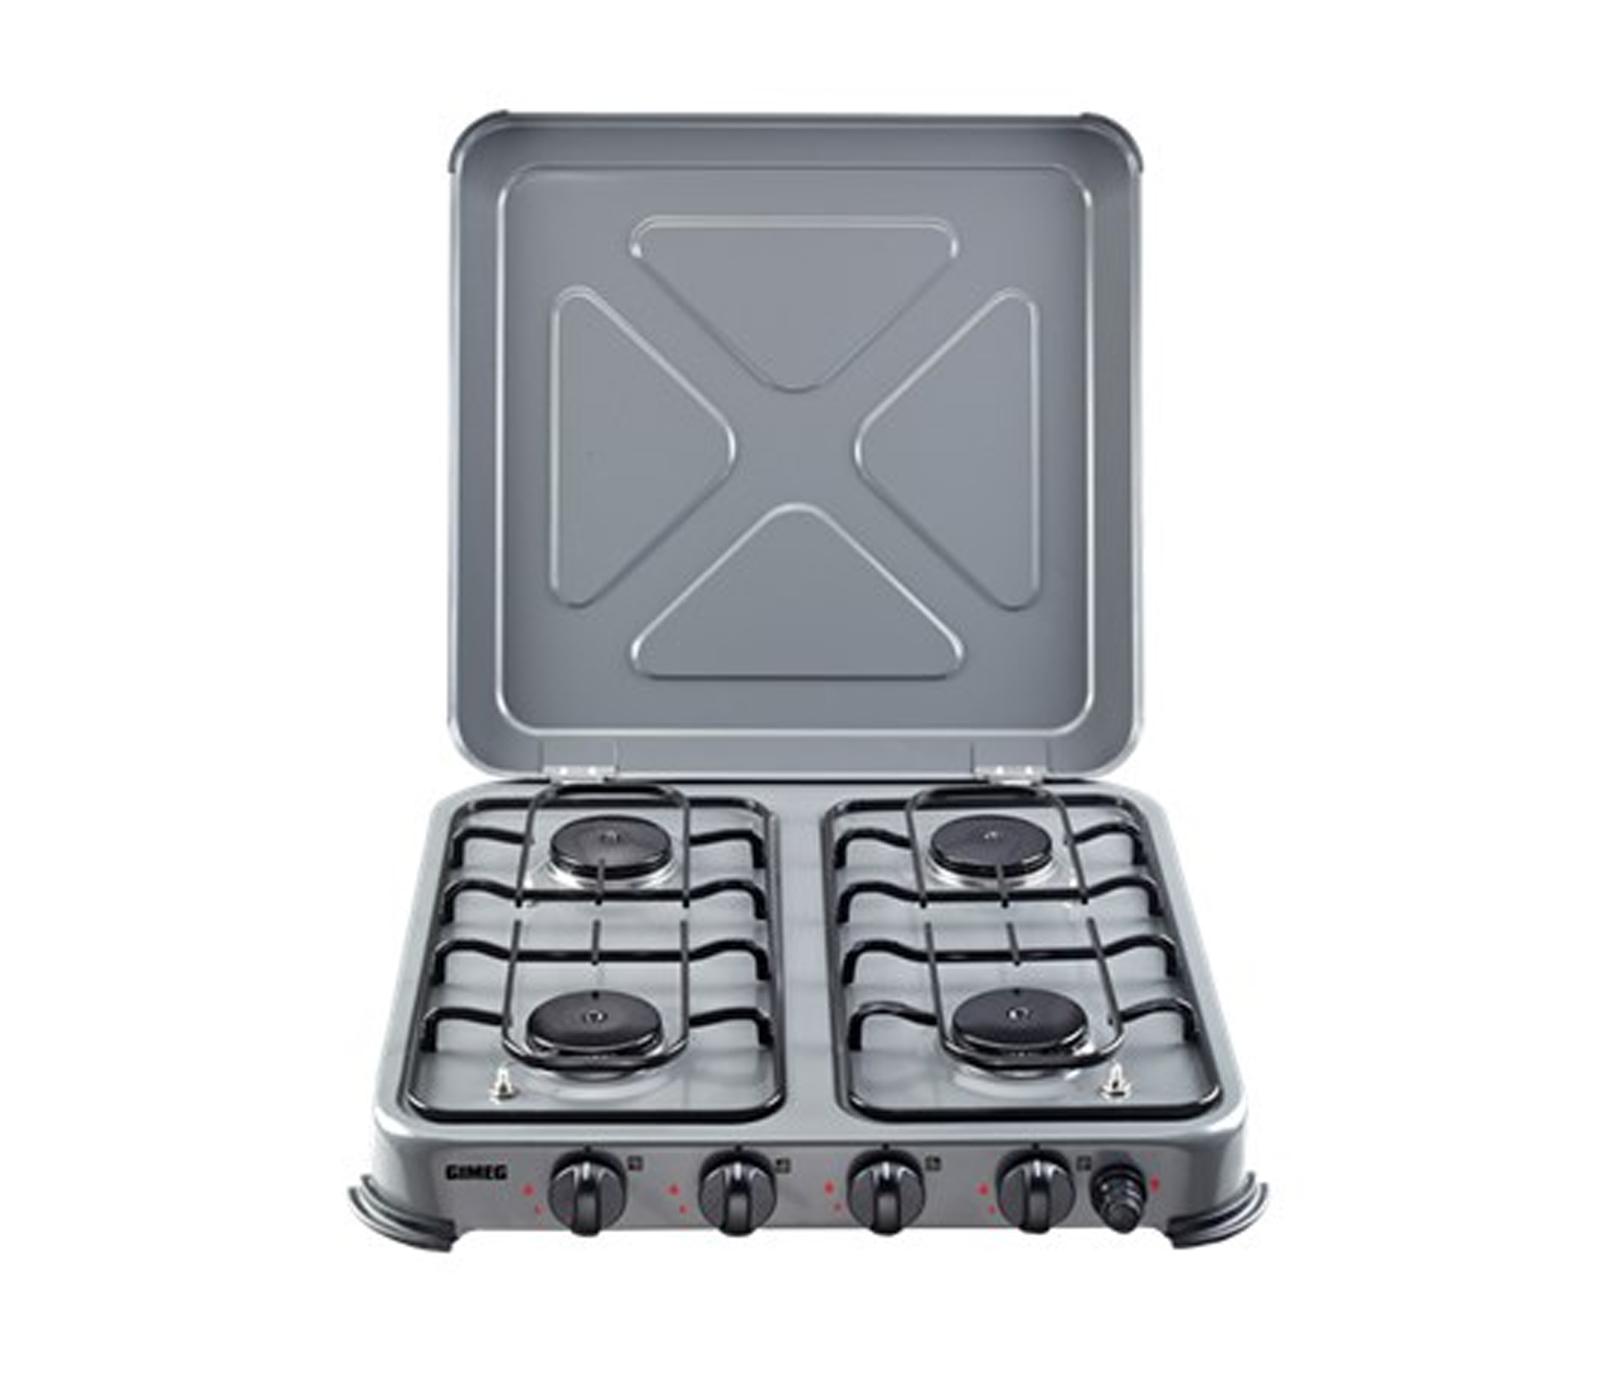 Gimeg Kooktoestel 4-pits Dlx